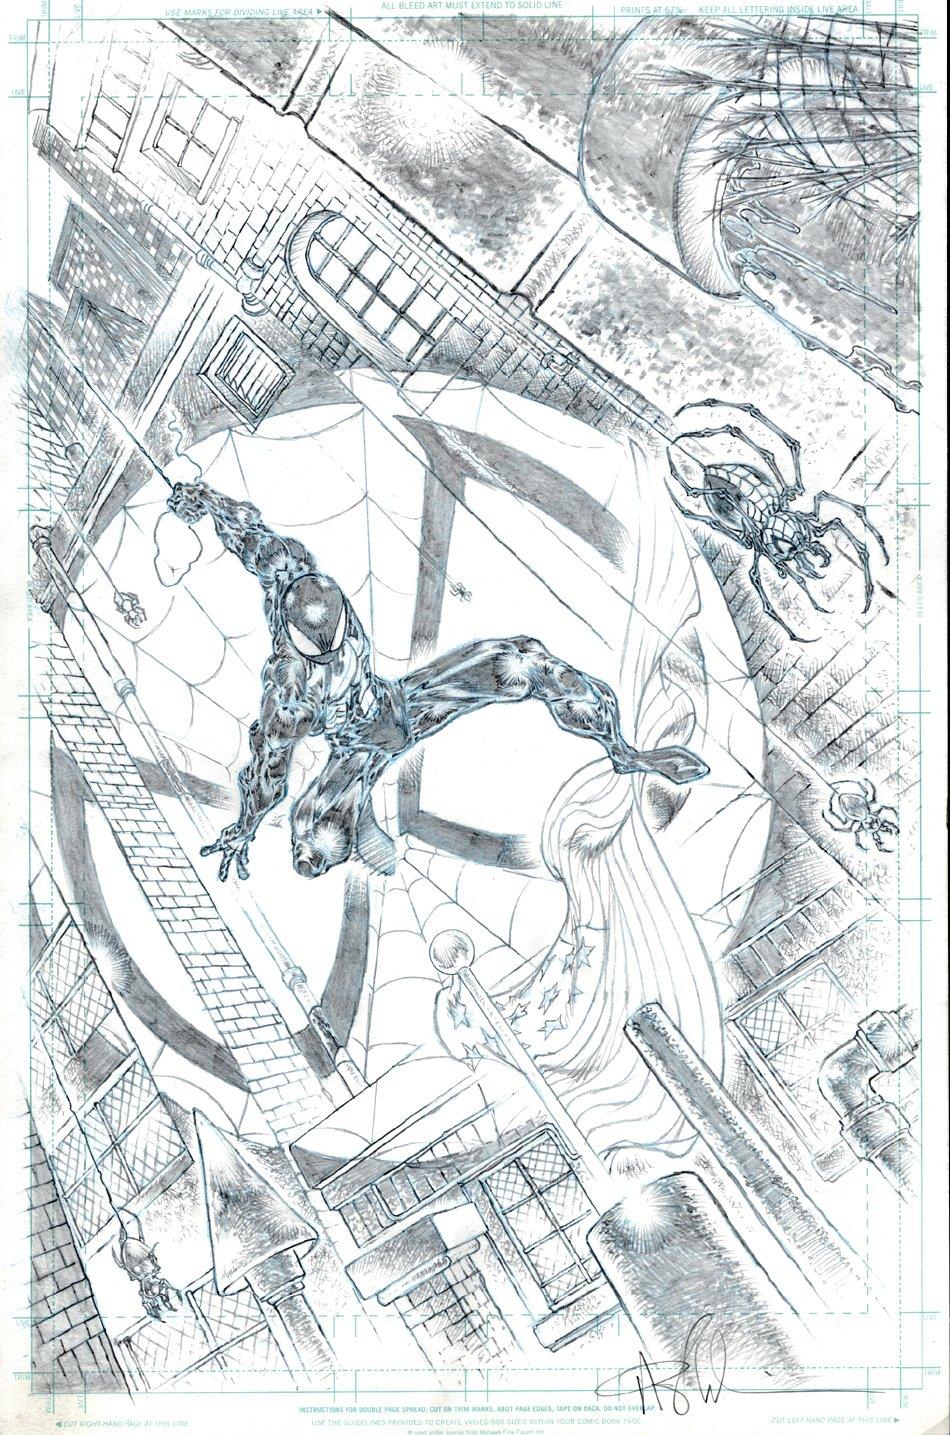 Black Spider-Man Super Detailed Commission Pinup